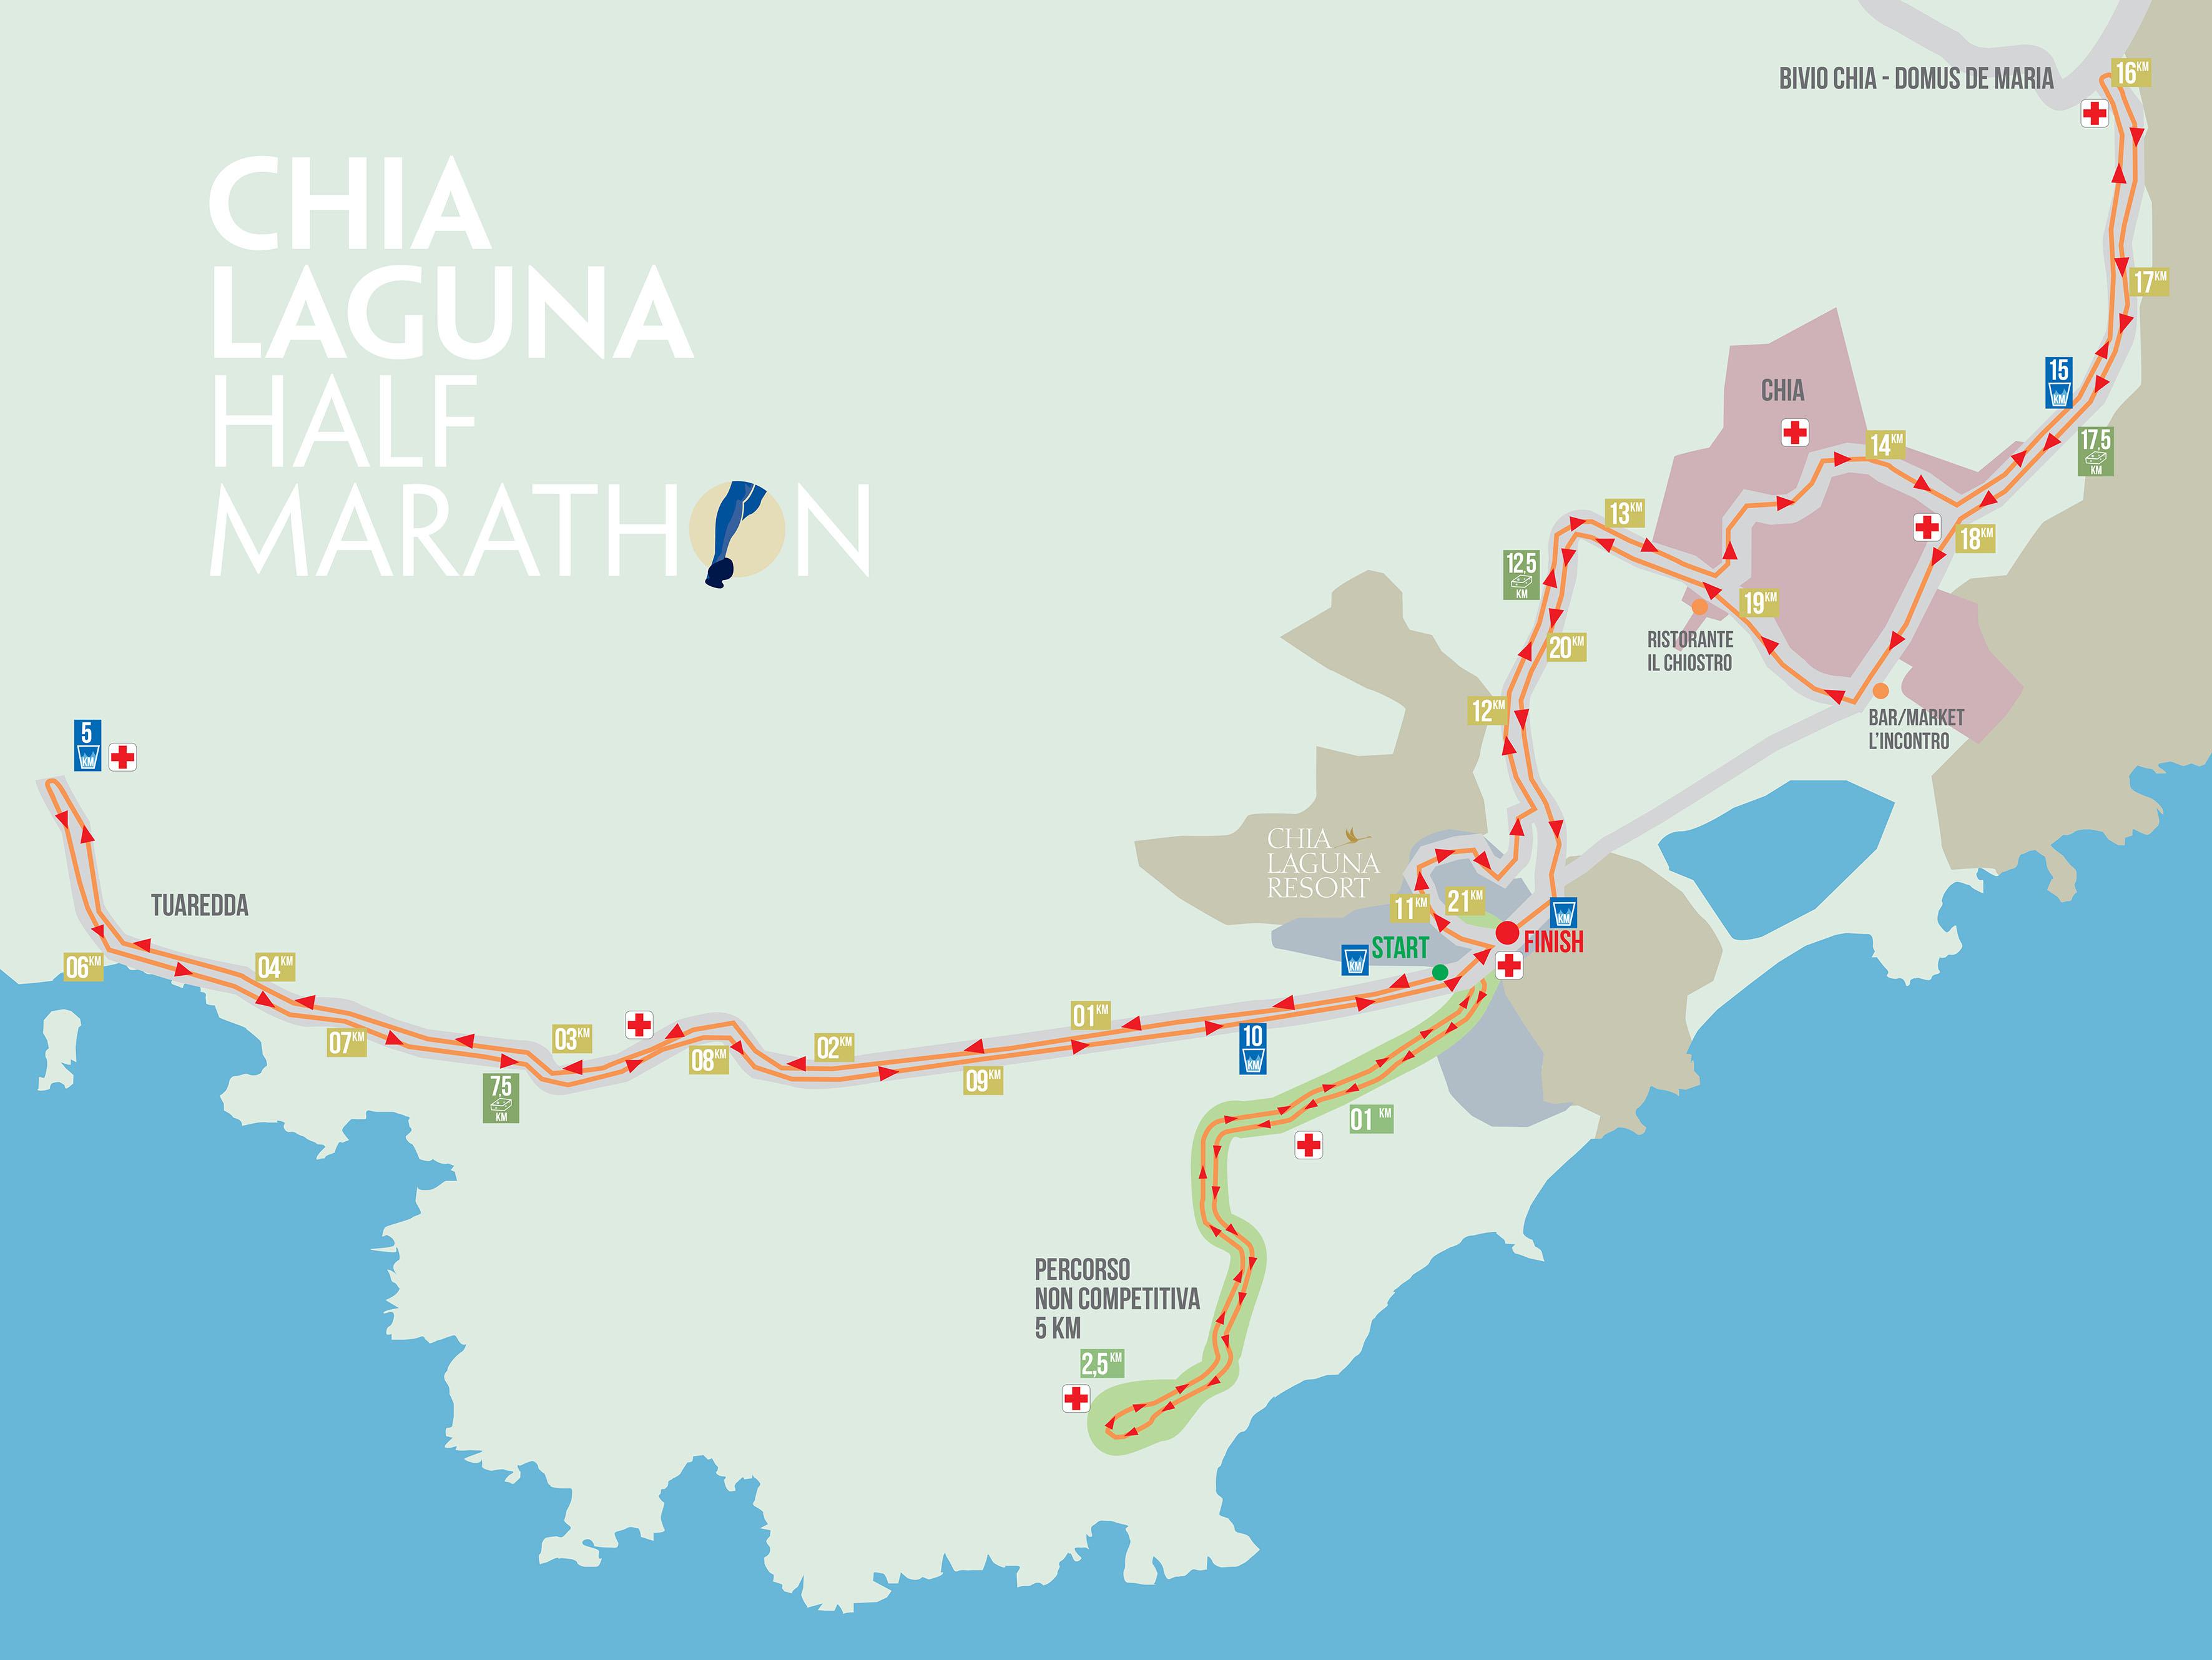 Il percorso della Chia Laguna Half Marathon